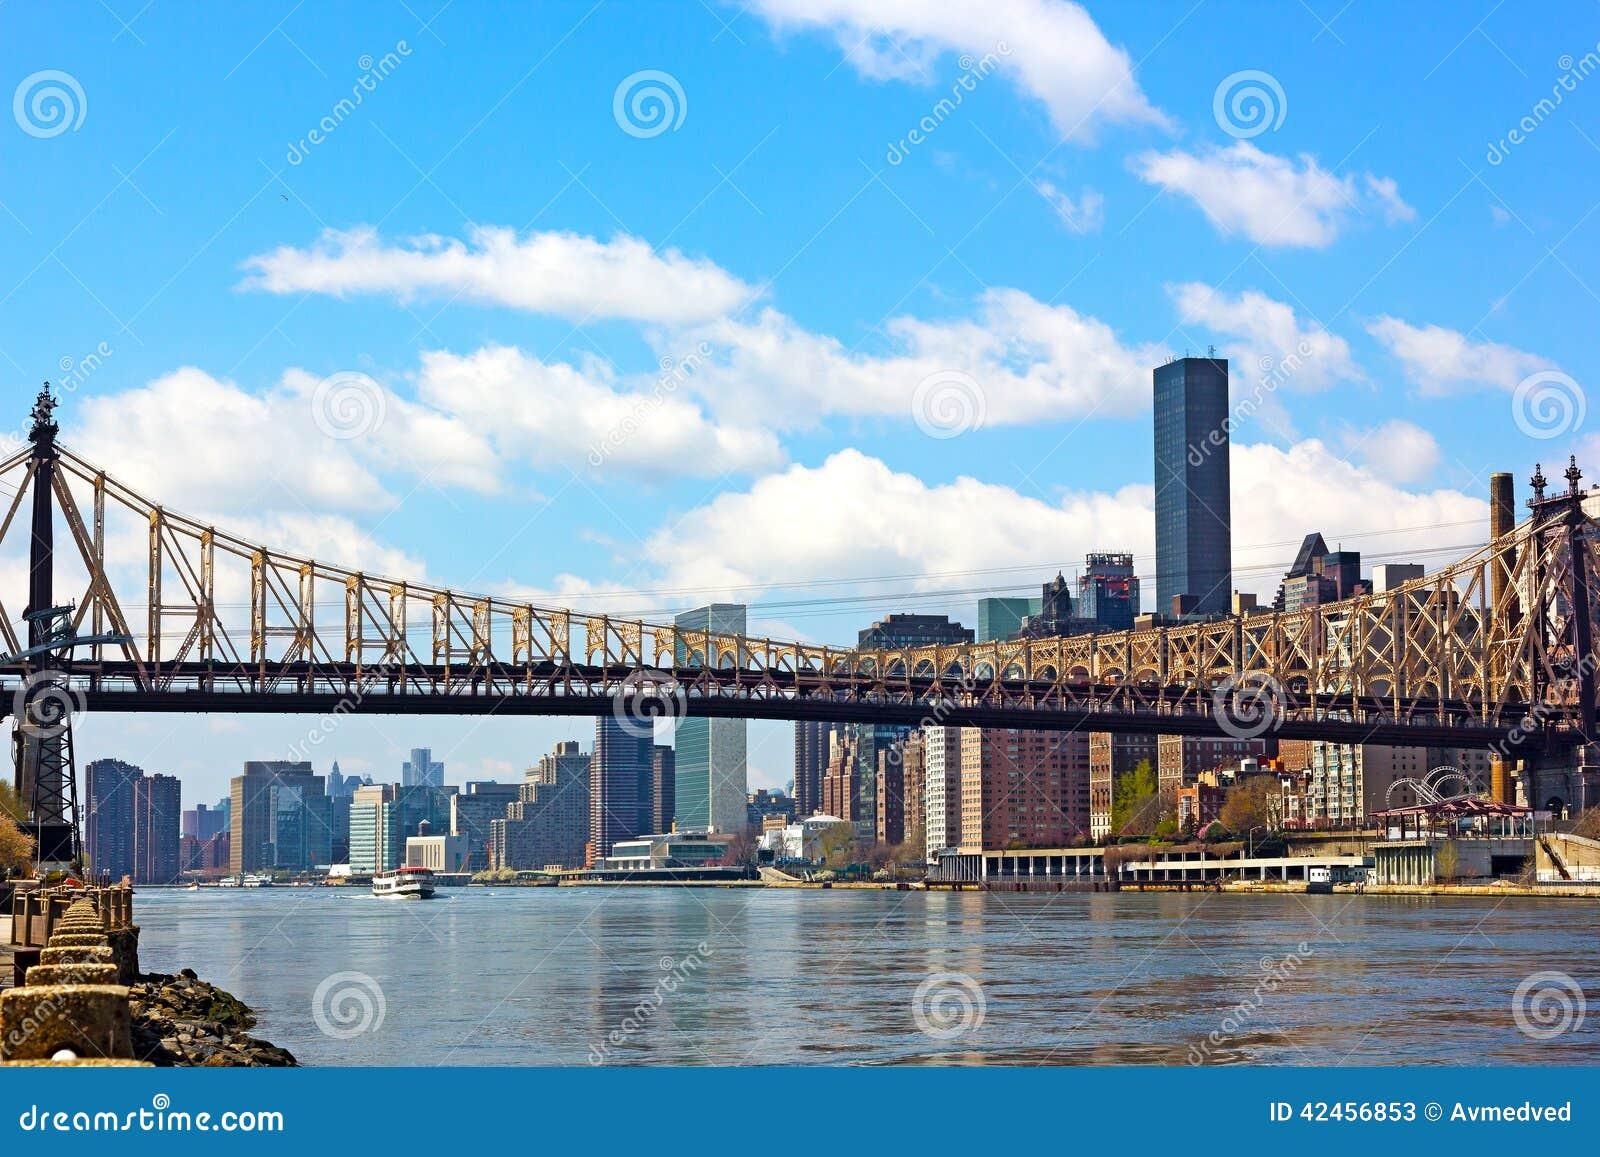 Die Brücke über East River in Manhattan, New York